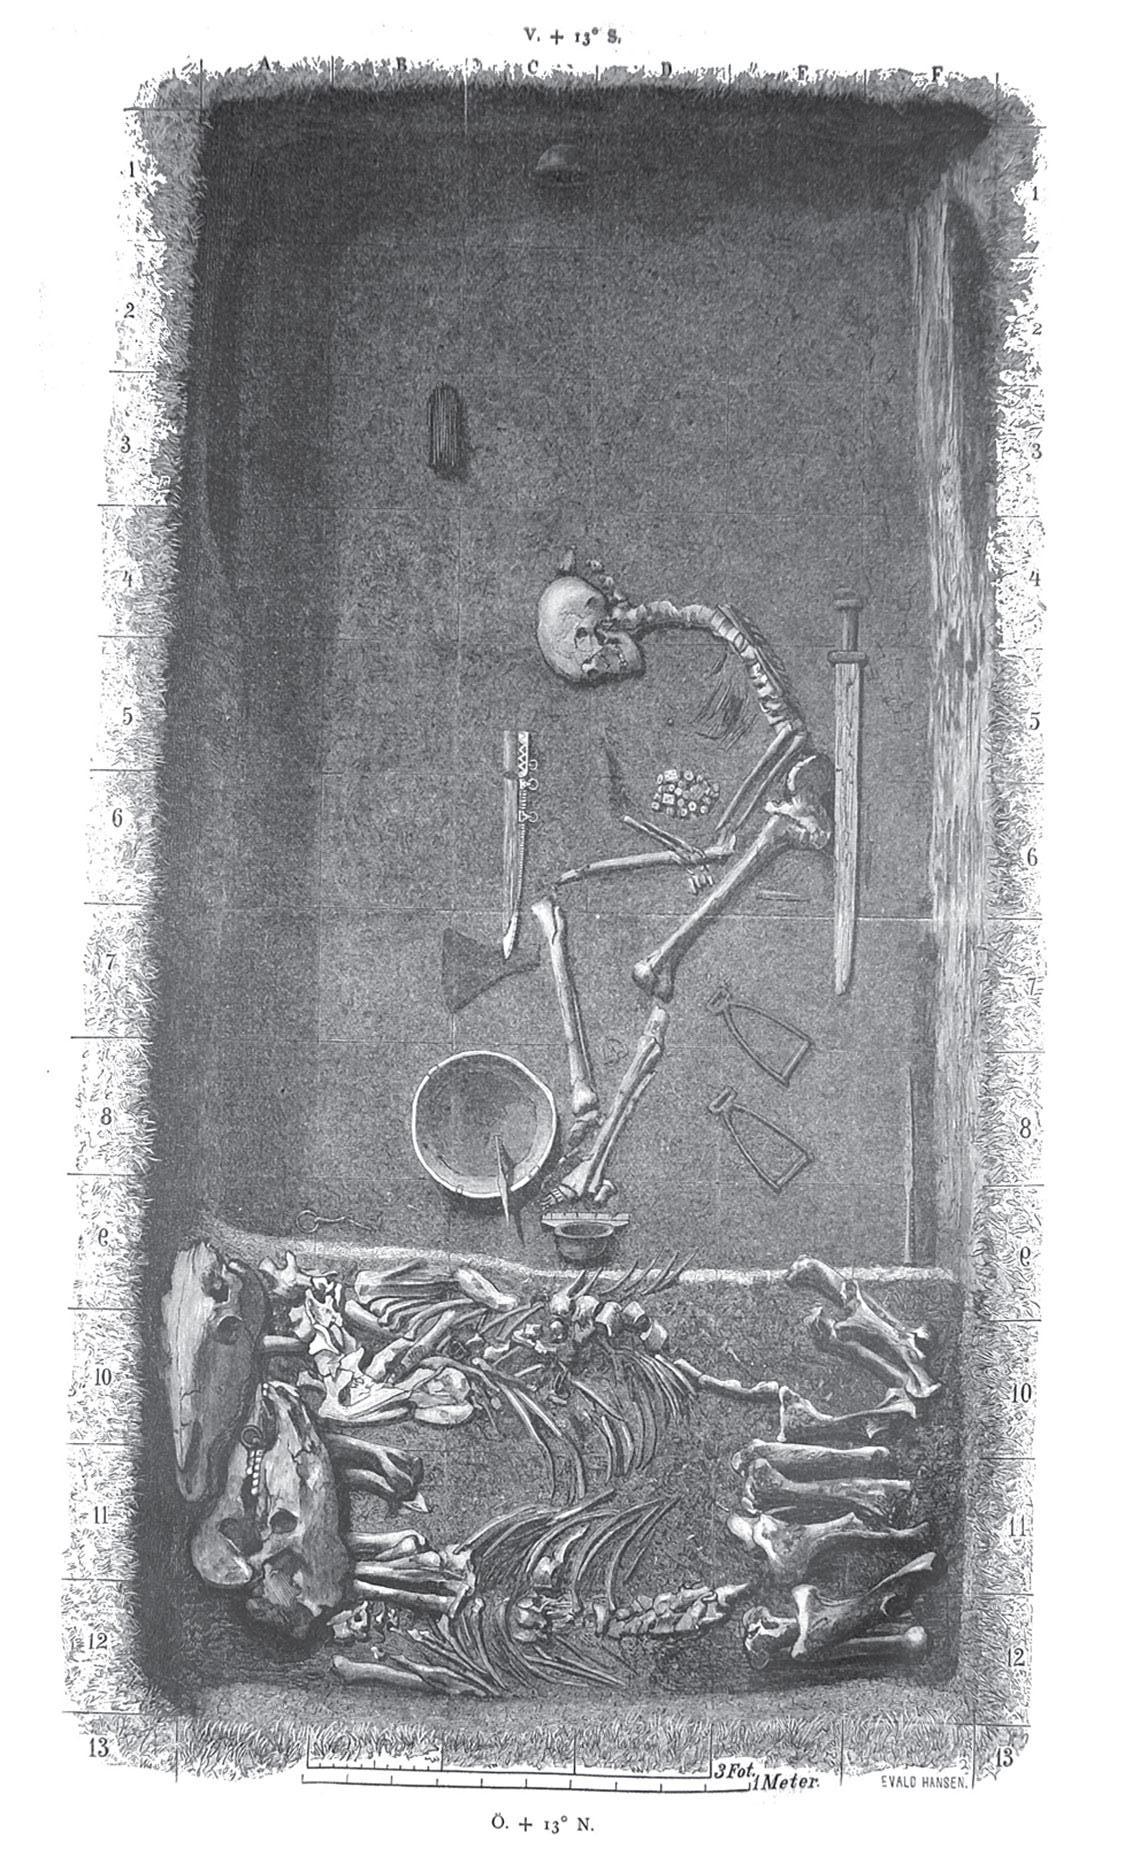 Dibujo de la tumba de la guerrera de Birka